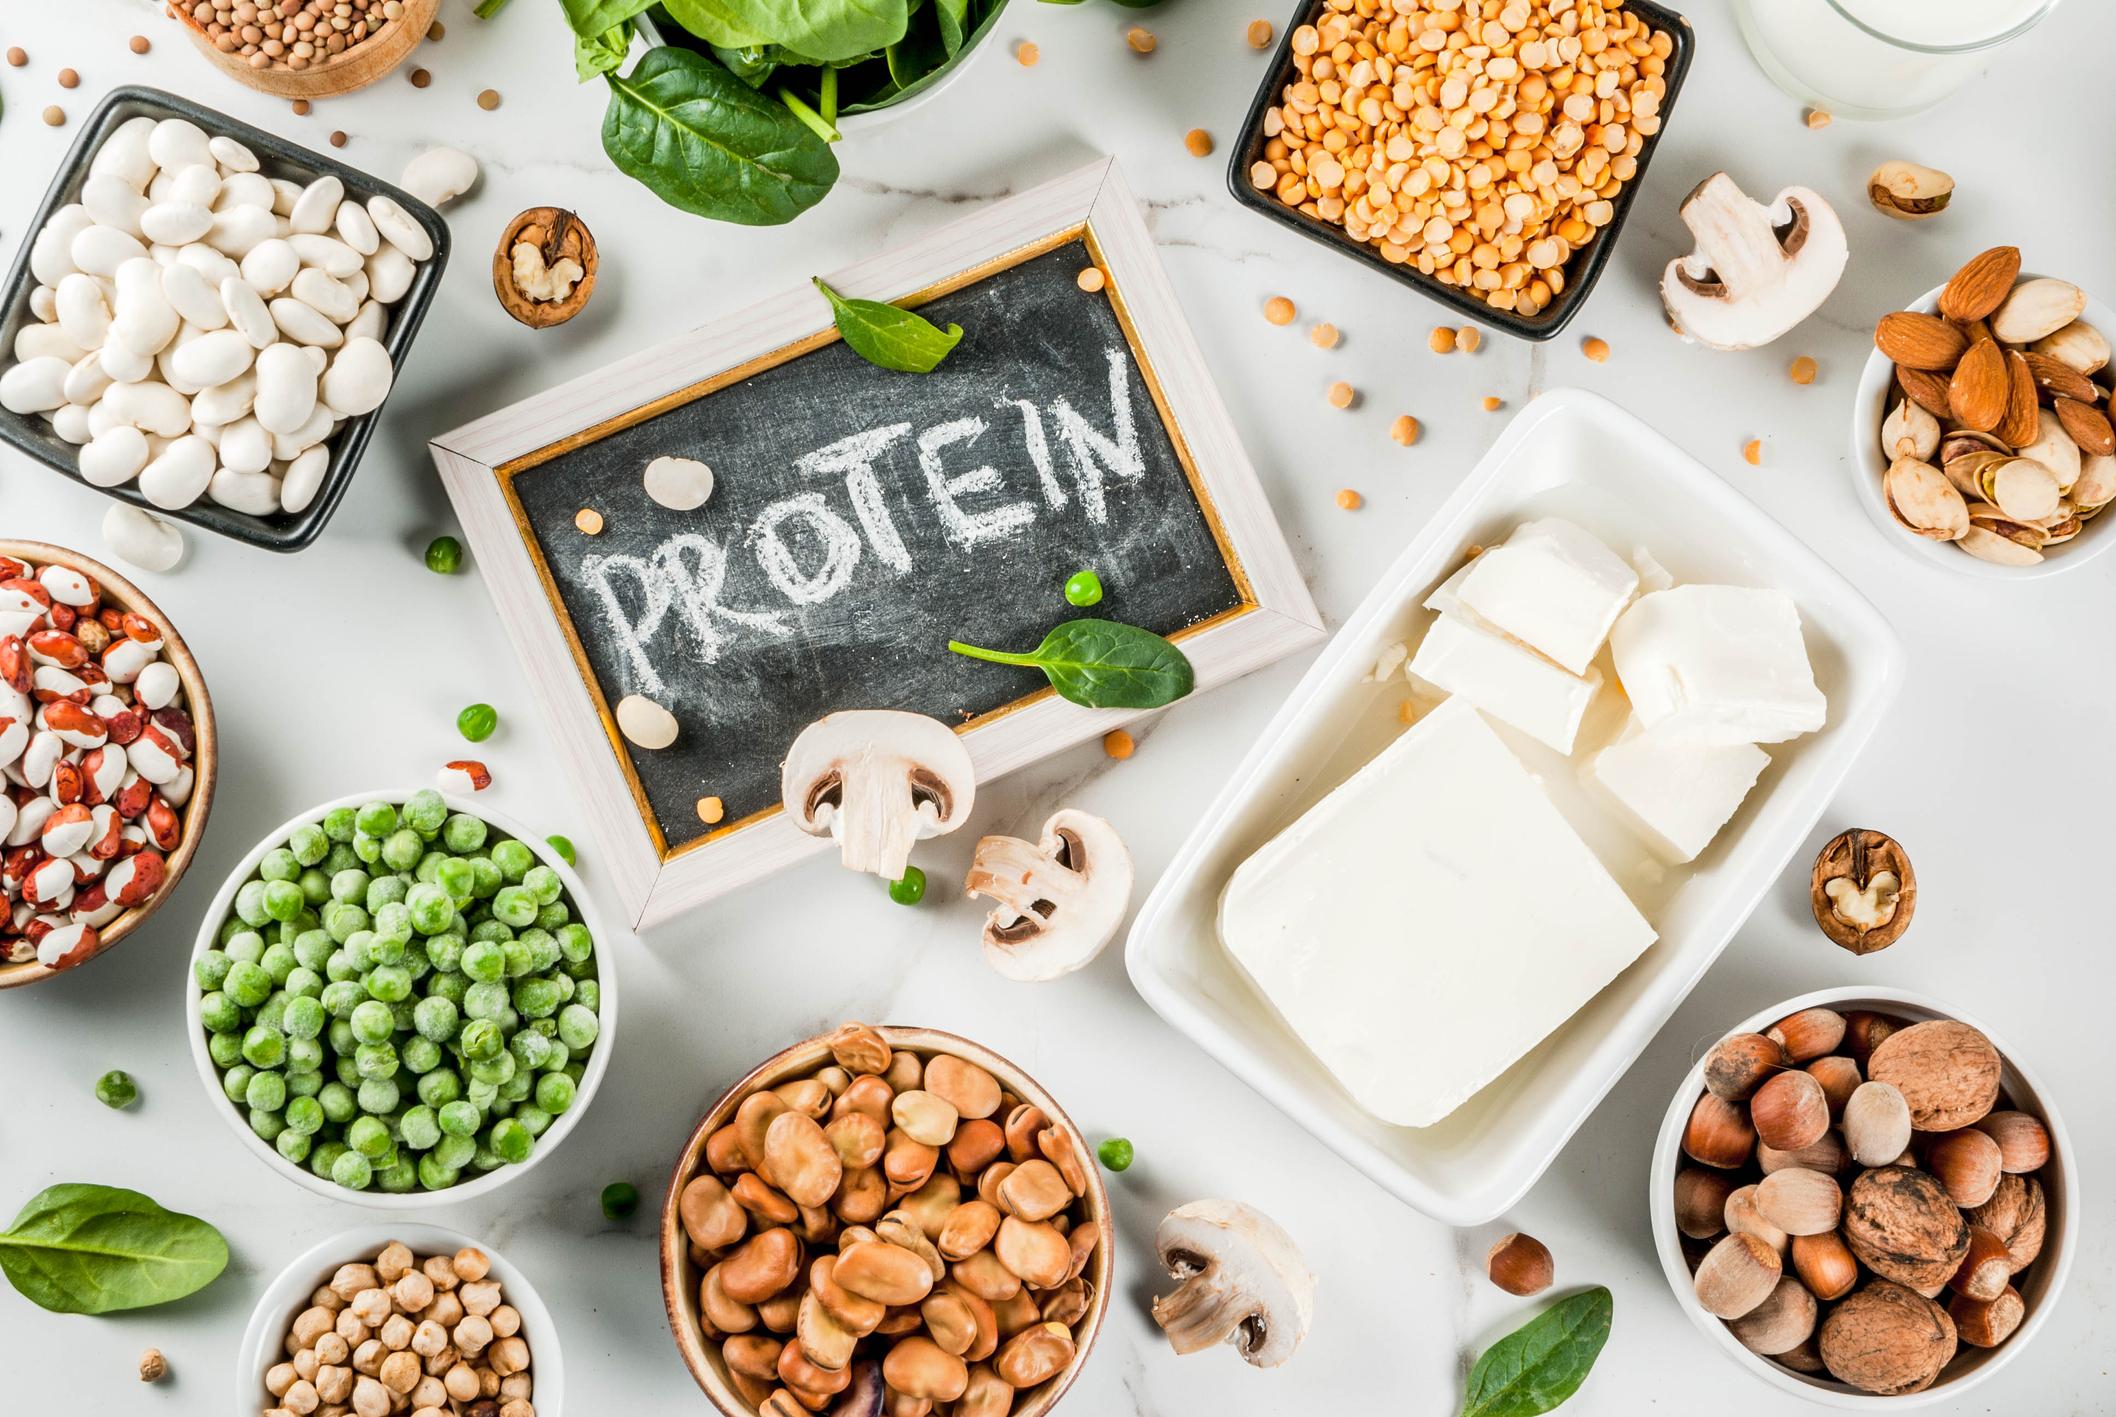 Der findes masser af plantebaserede proteinkilder